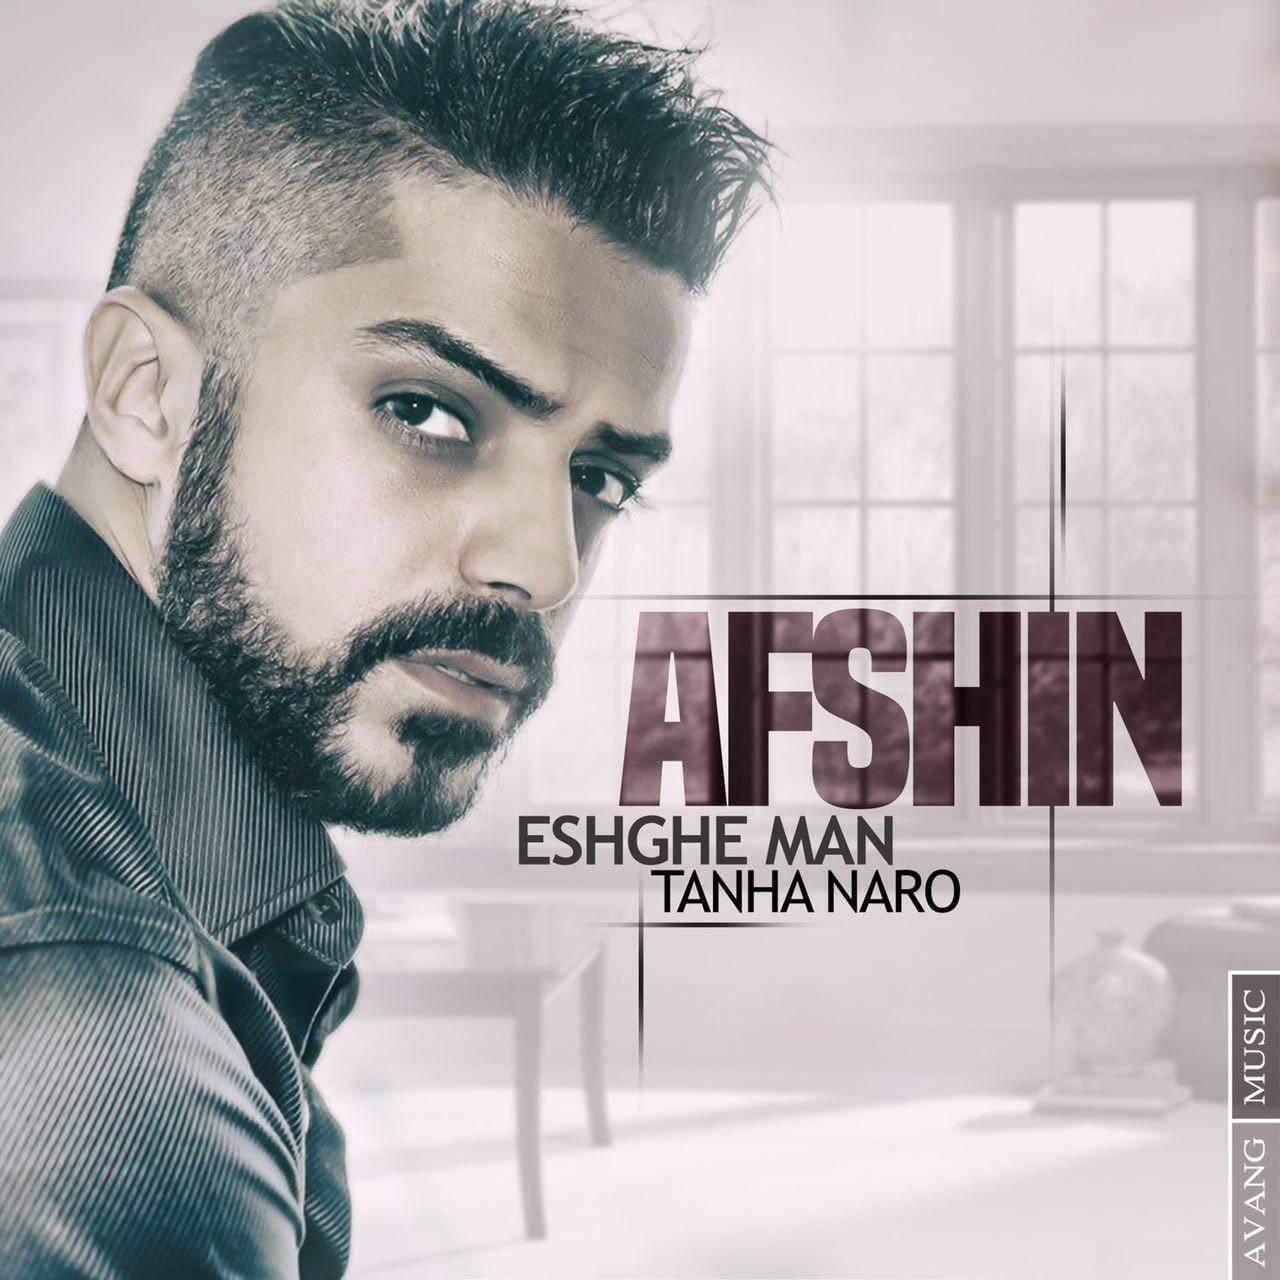 نامبر وان موزیک | دانلود آهنگ جدید Afshin-Eshghe-Man-Tanha-Naro